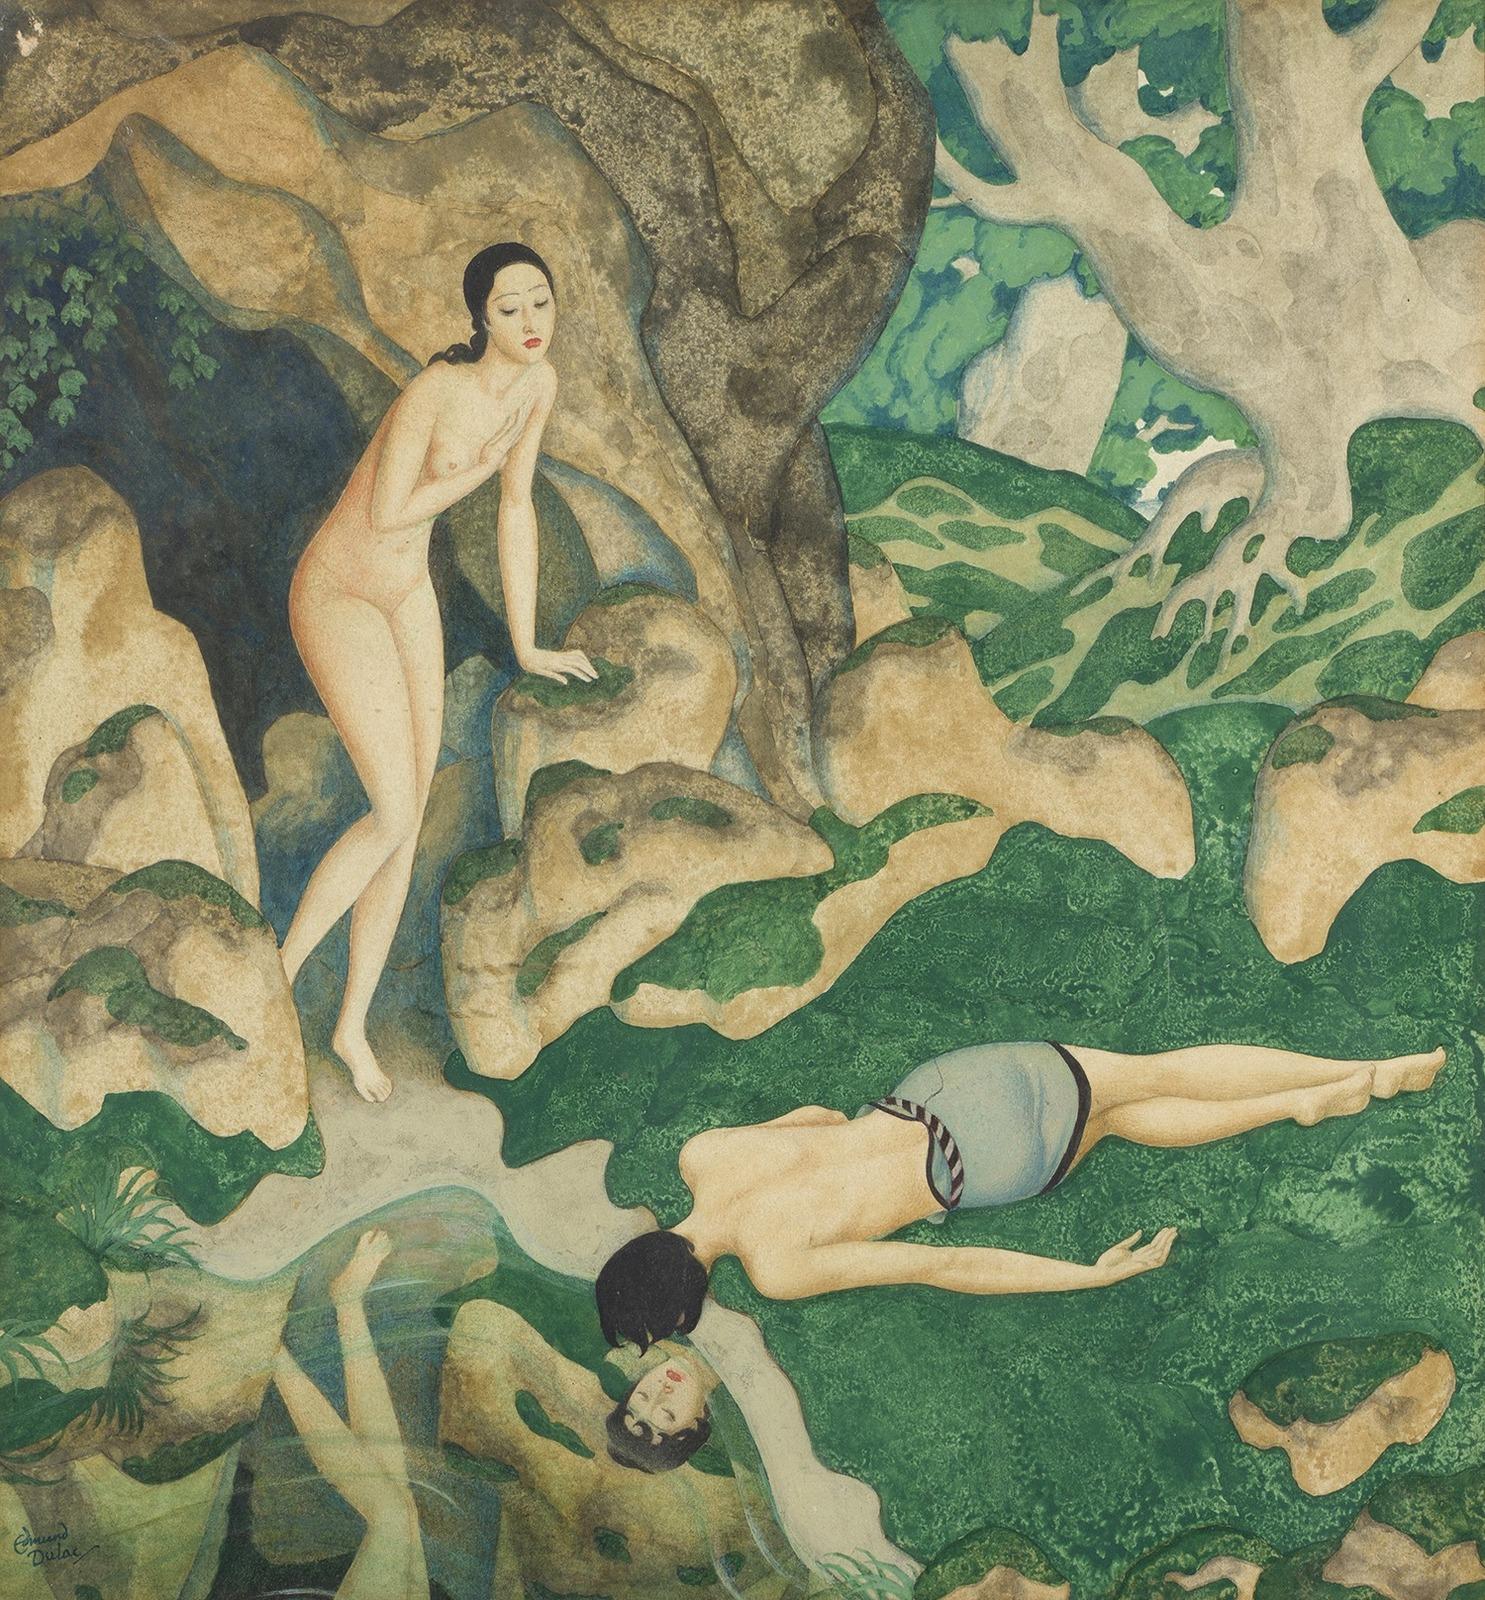 1_Эхо и Нарцисс (Echo and Narcissus)_30 х 28_акварель и гуашь_Частное собрание.jpg